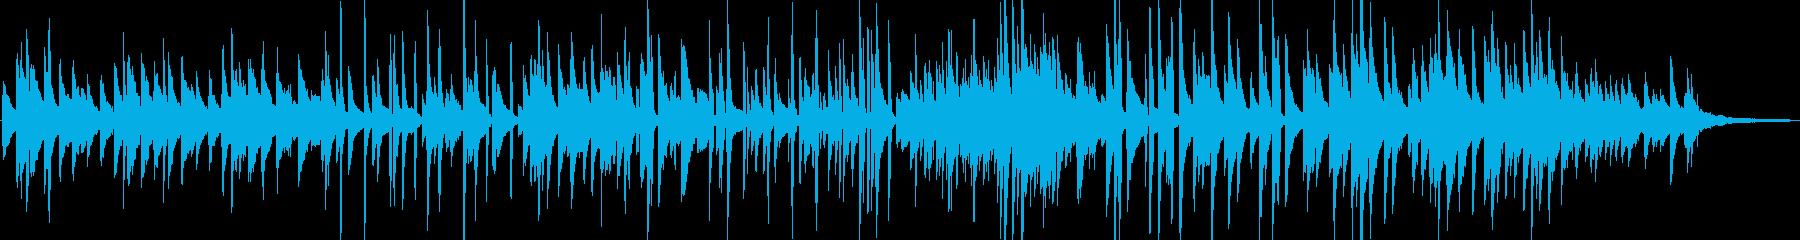 滑らかでソウルフルなピアノジャズの再生済みの波形